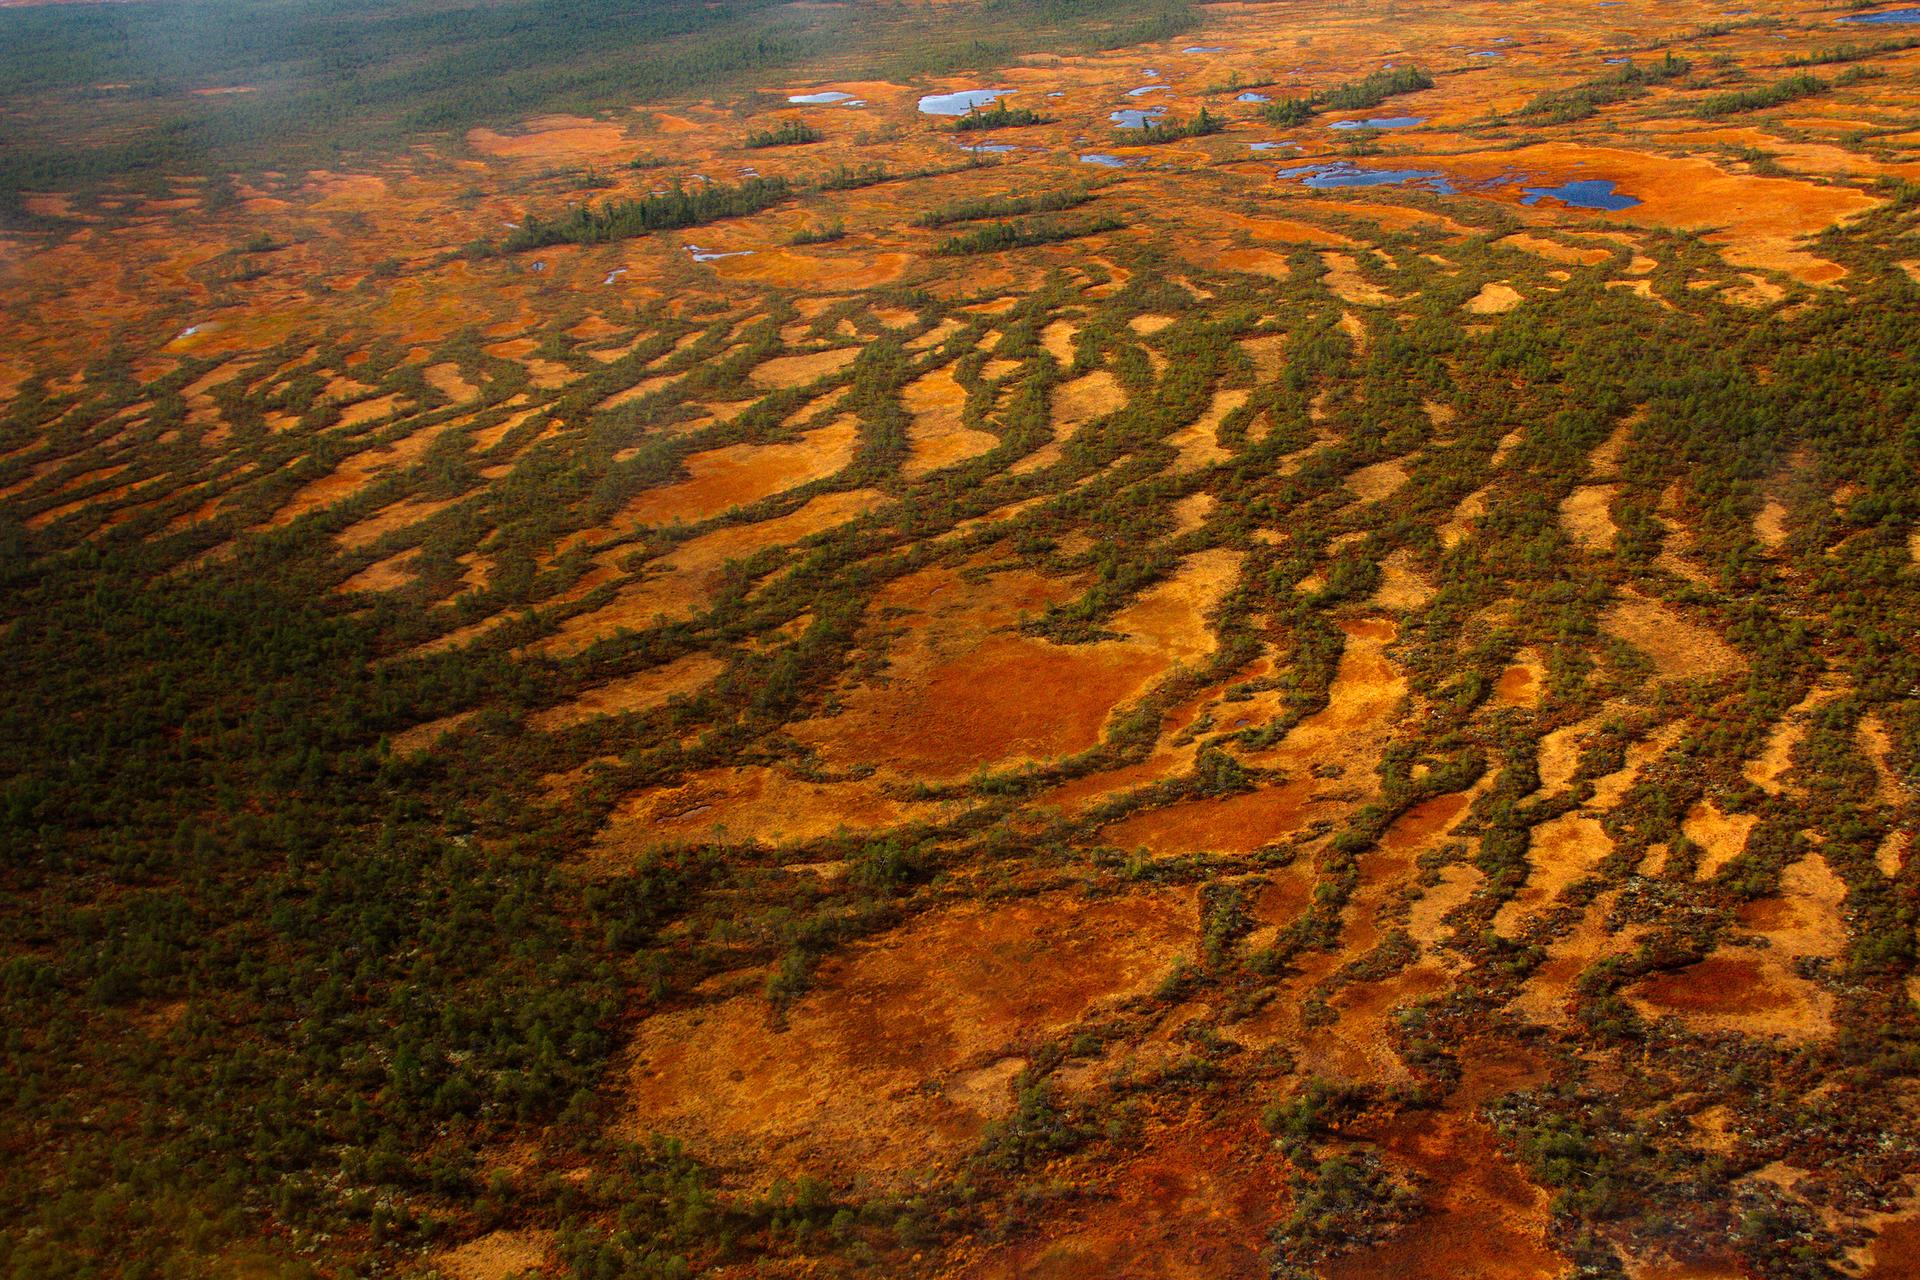 Fotografia lotnicza przedstawia ciemnozielone, rude, żółte iniebieski plamy. To krajobraz torfowiska wtajdze.